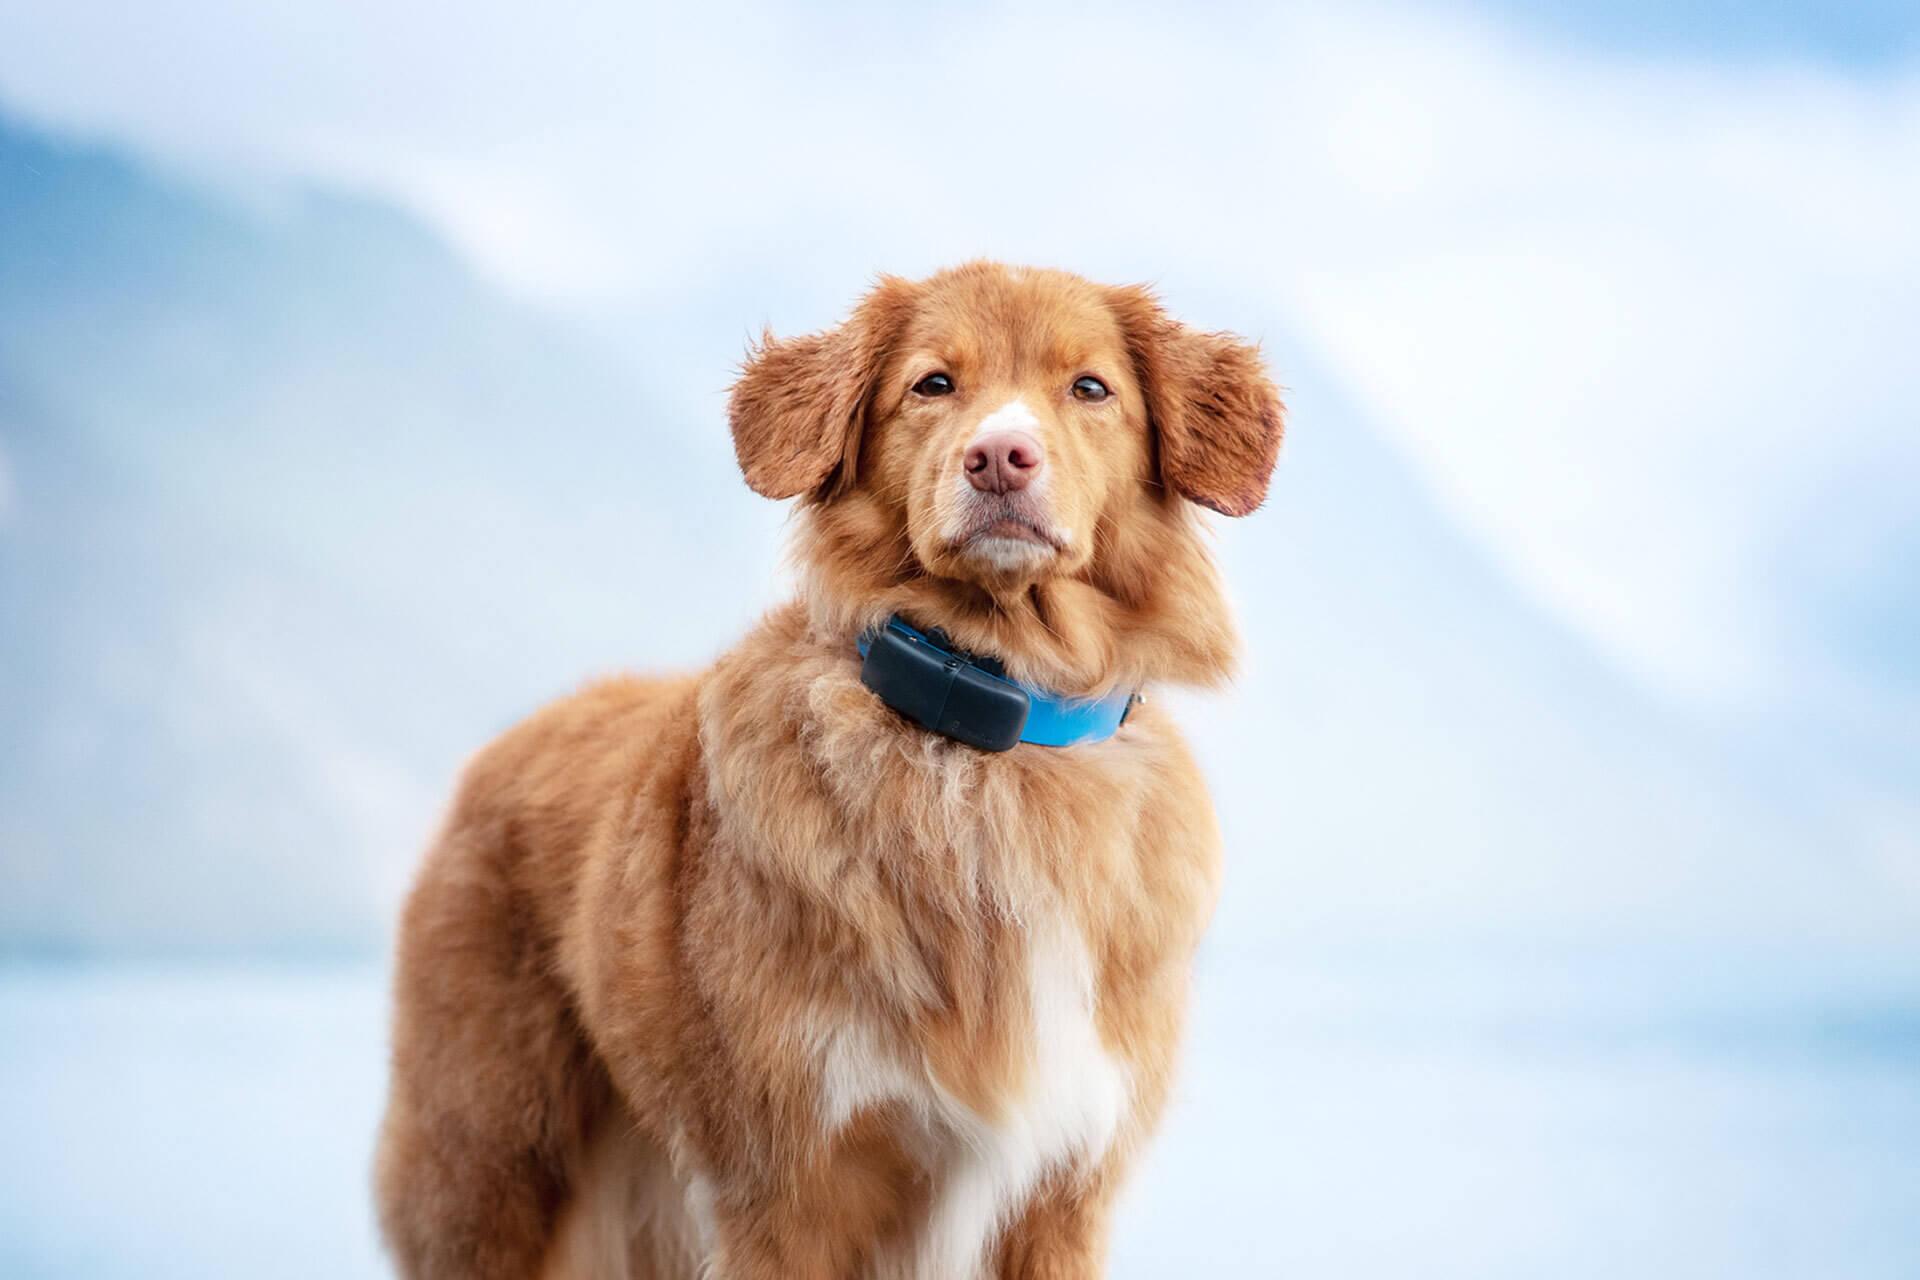 dog gps tracker on dog